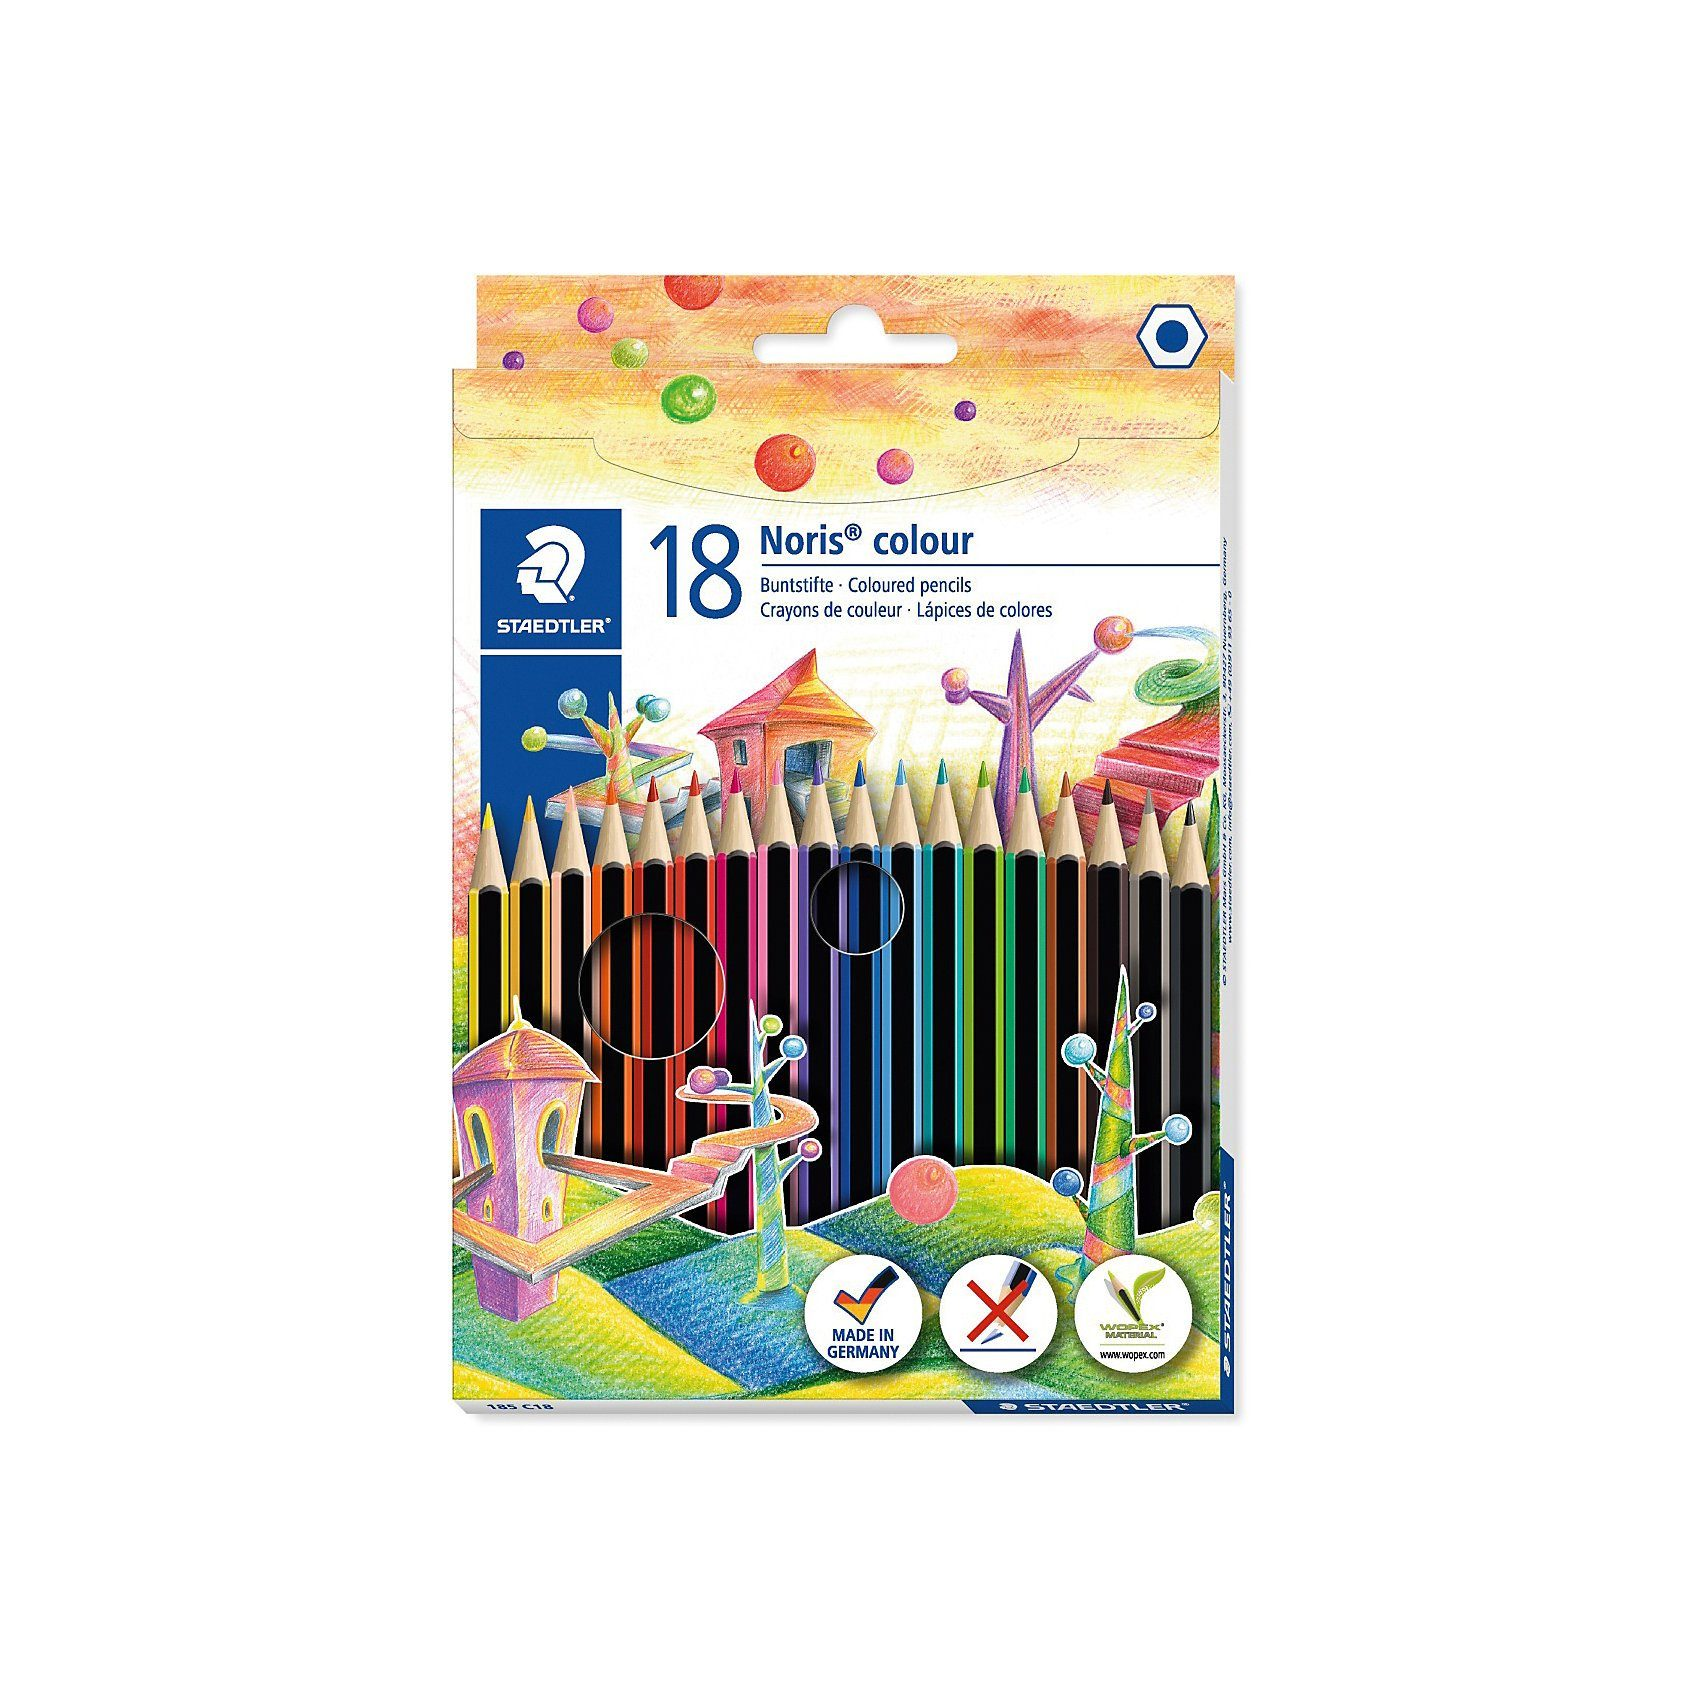 STAEDTLER Noris colour Buntstifte, 18 Farben